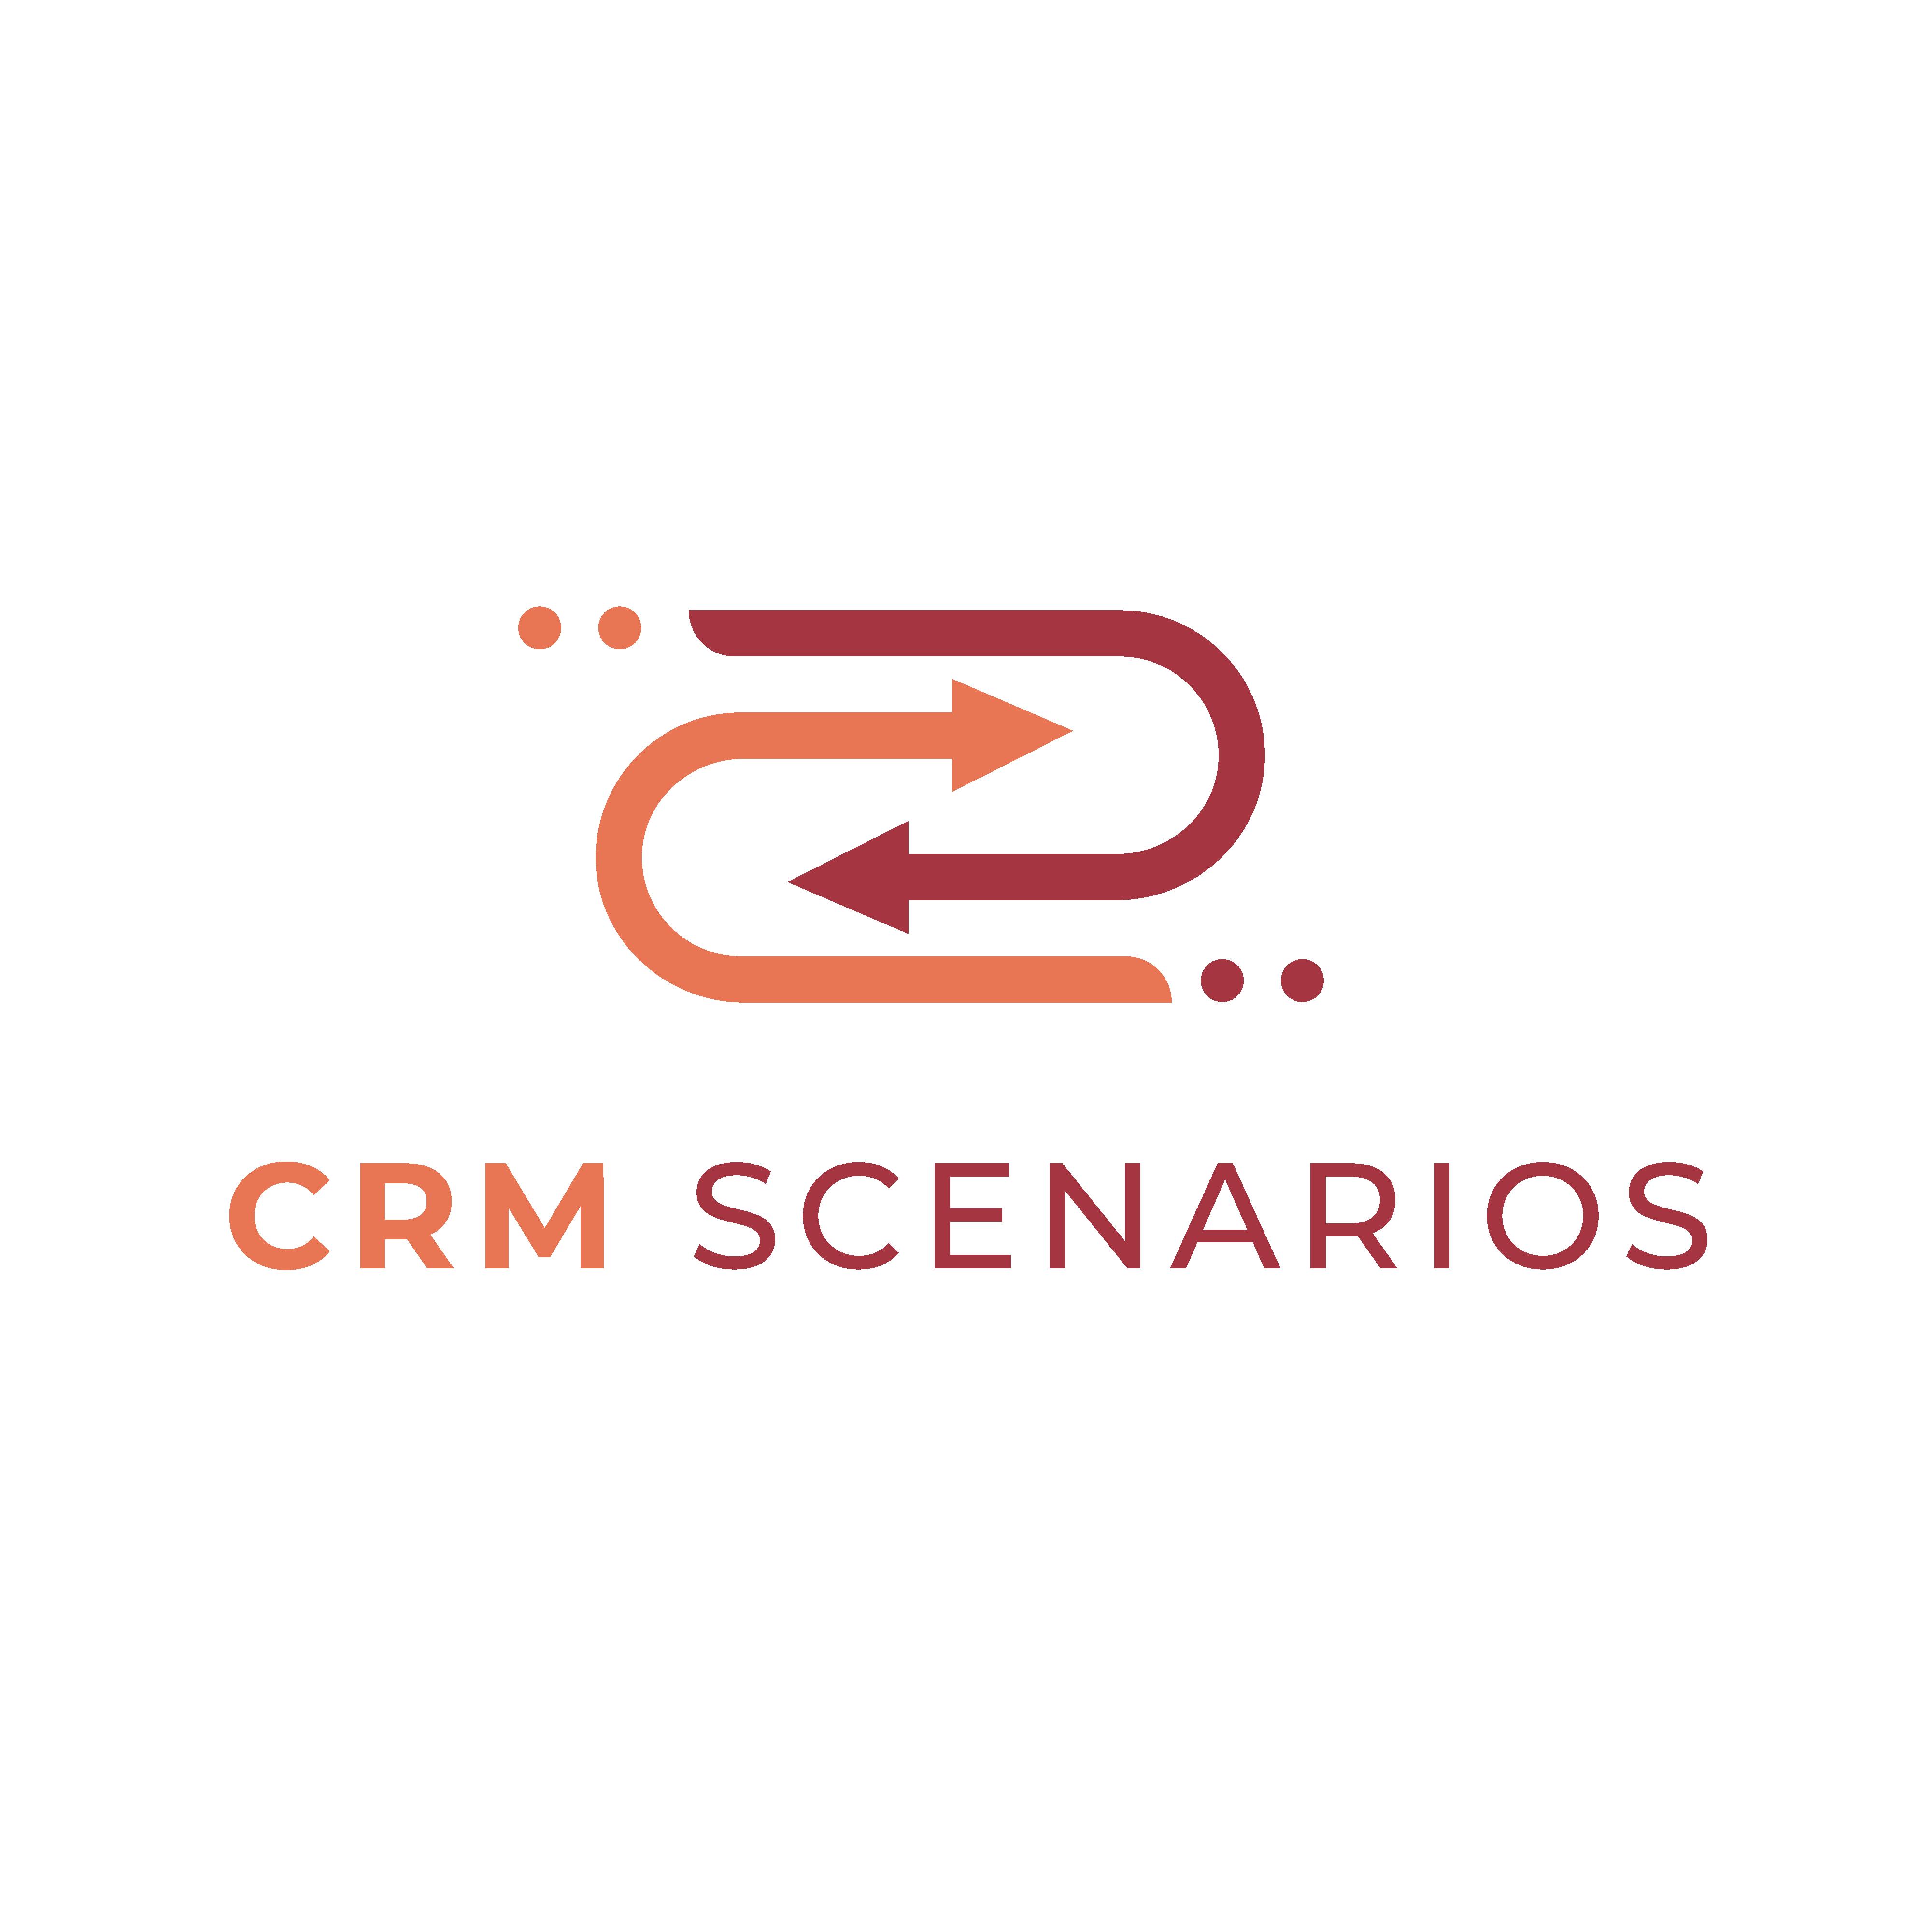 CRM Scenarios - NYC Salesforce Consulting